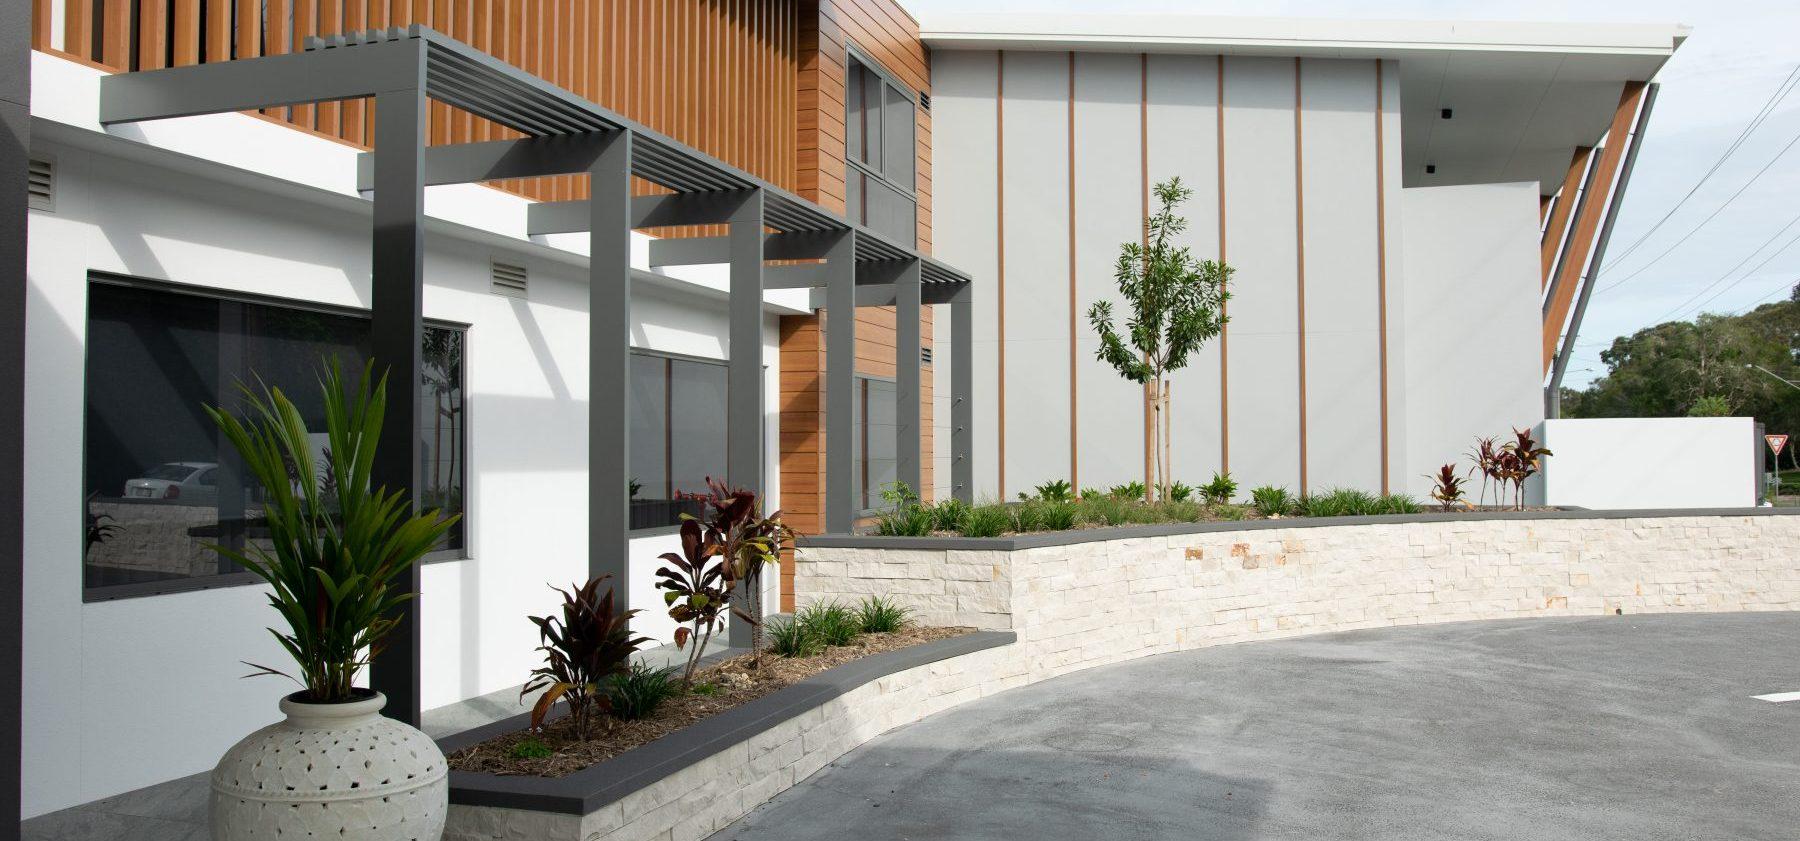 Arcare Noosa External Entrance